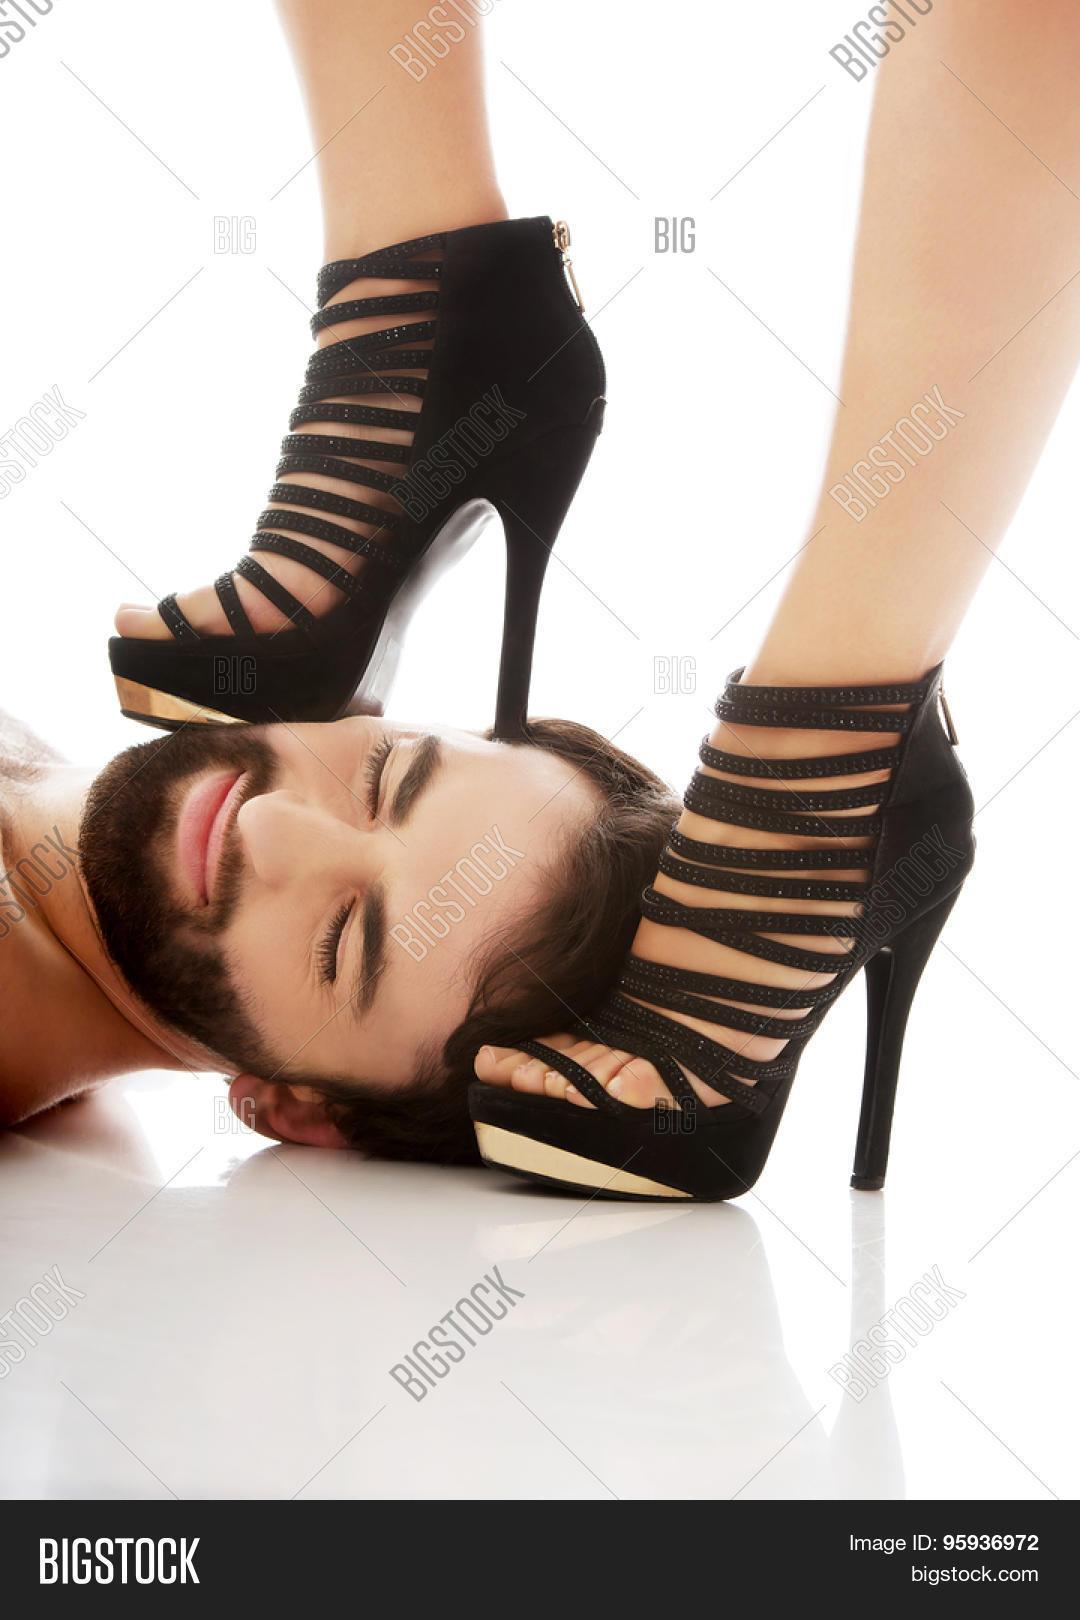 high heel for men bondage